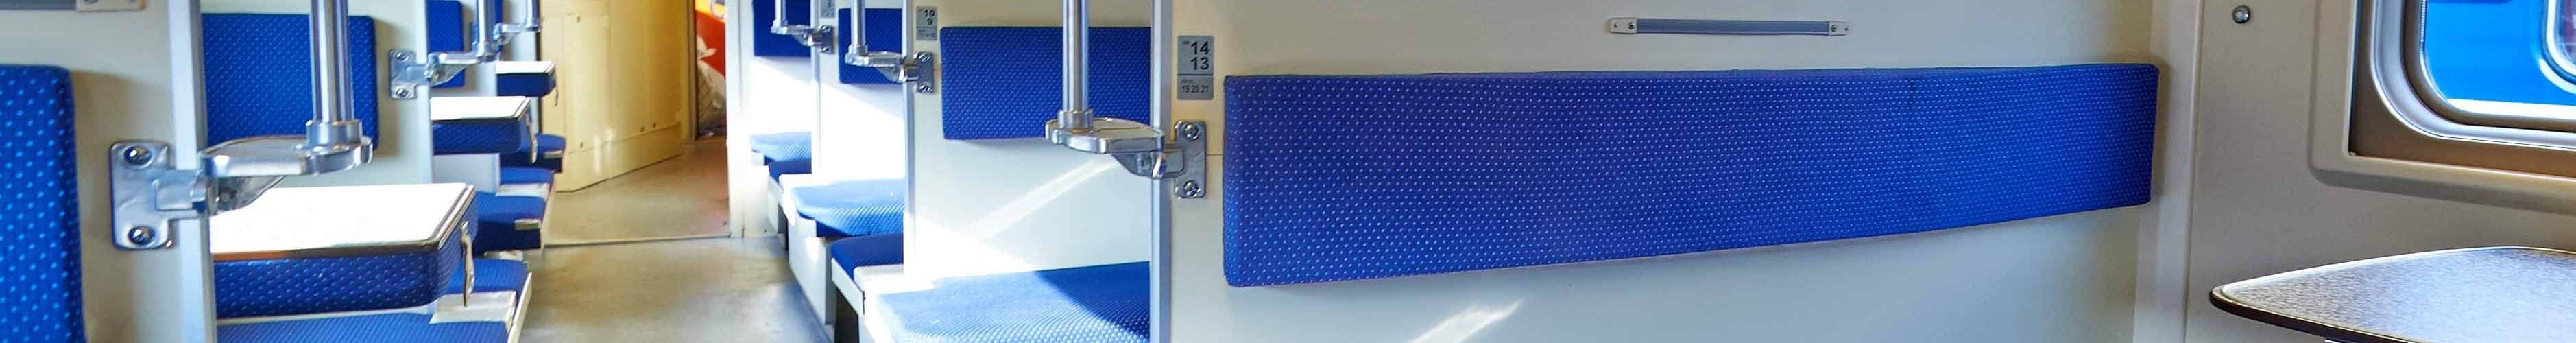 Как выбрать место в поезде: плацкарт, купе, сидячие места